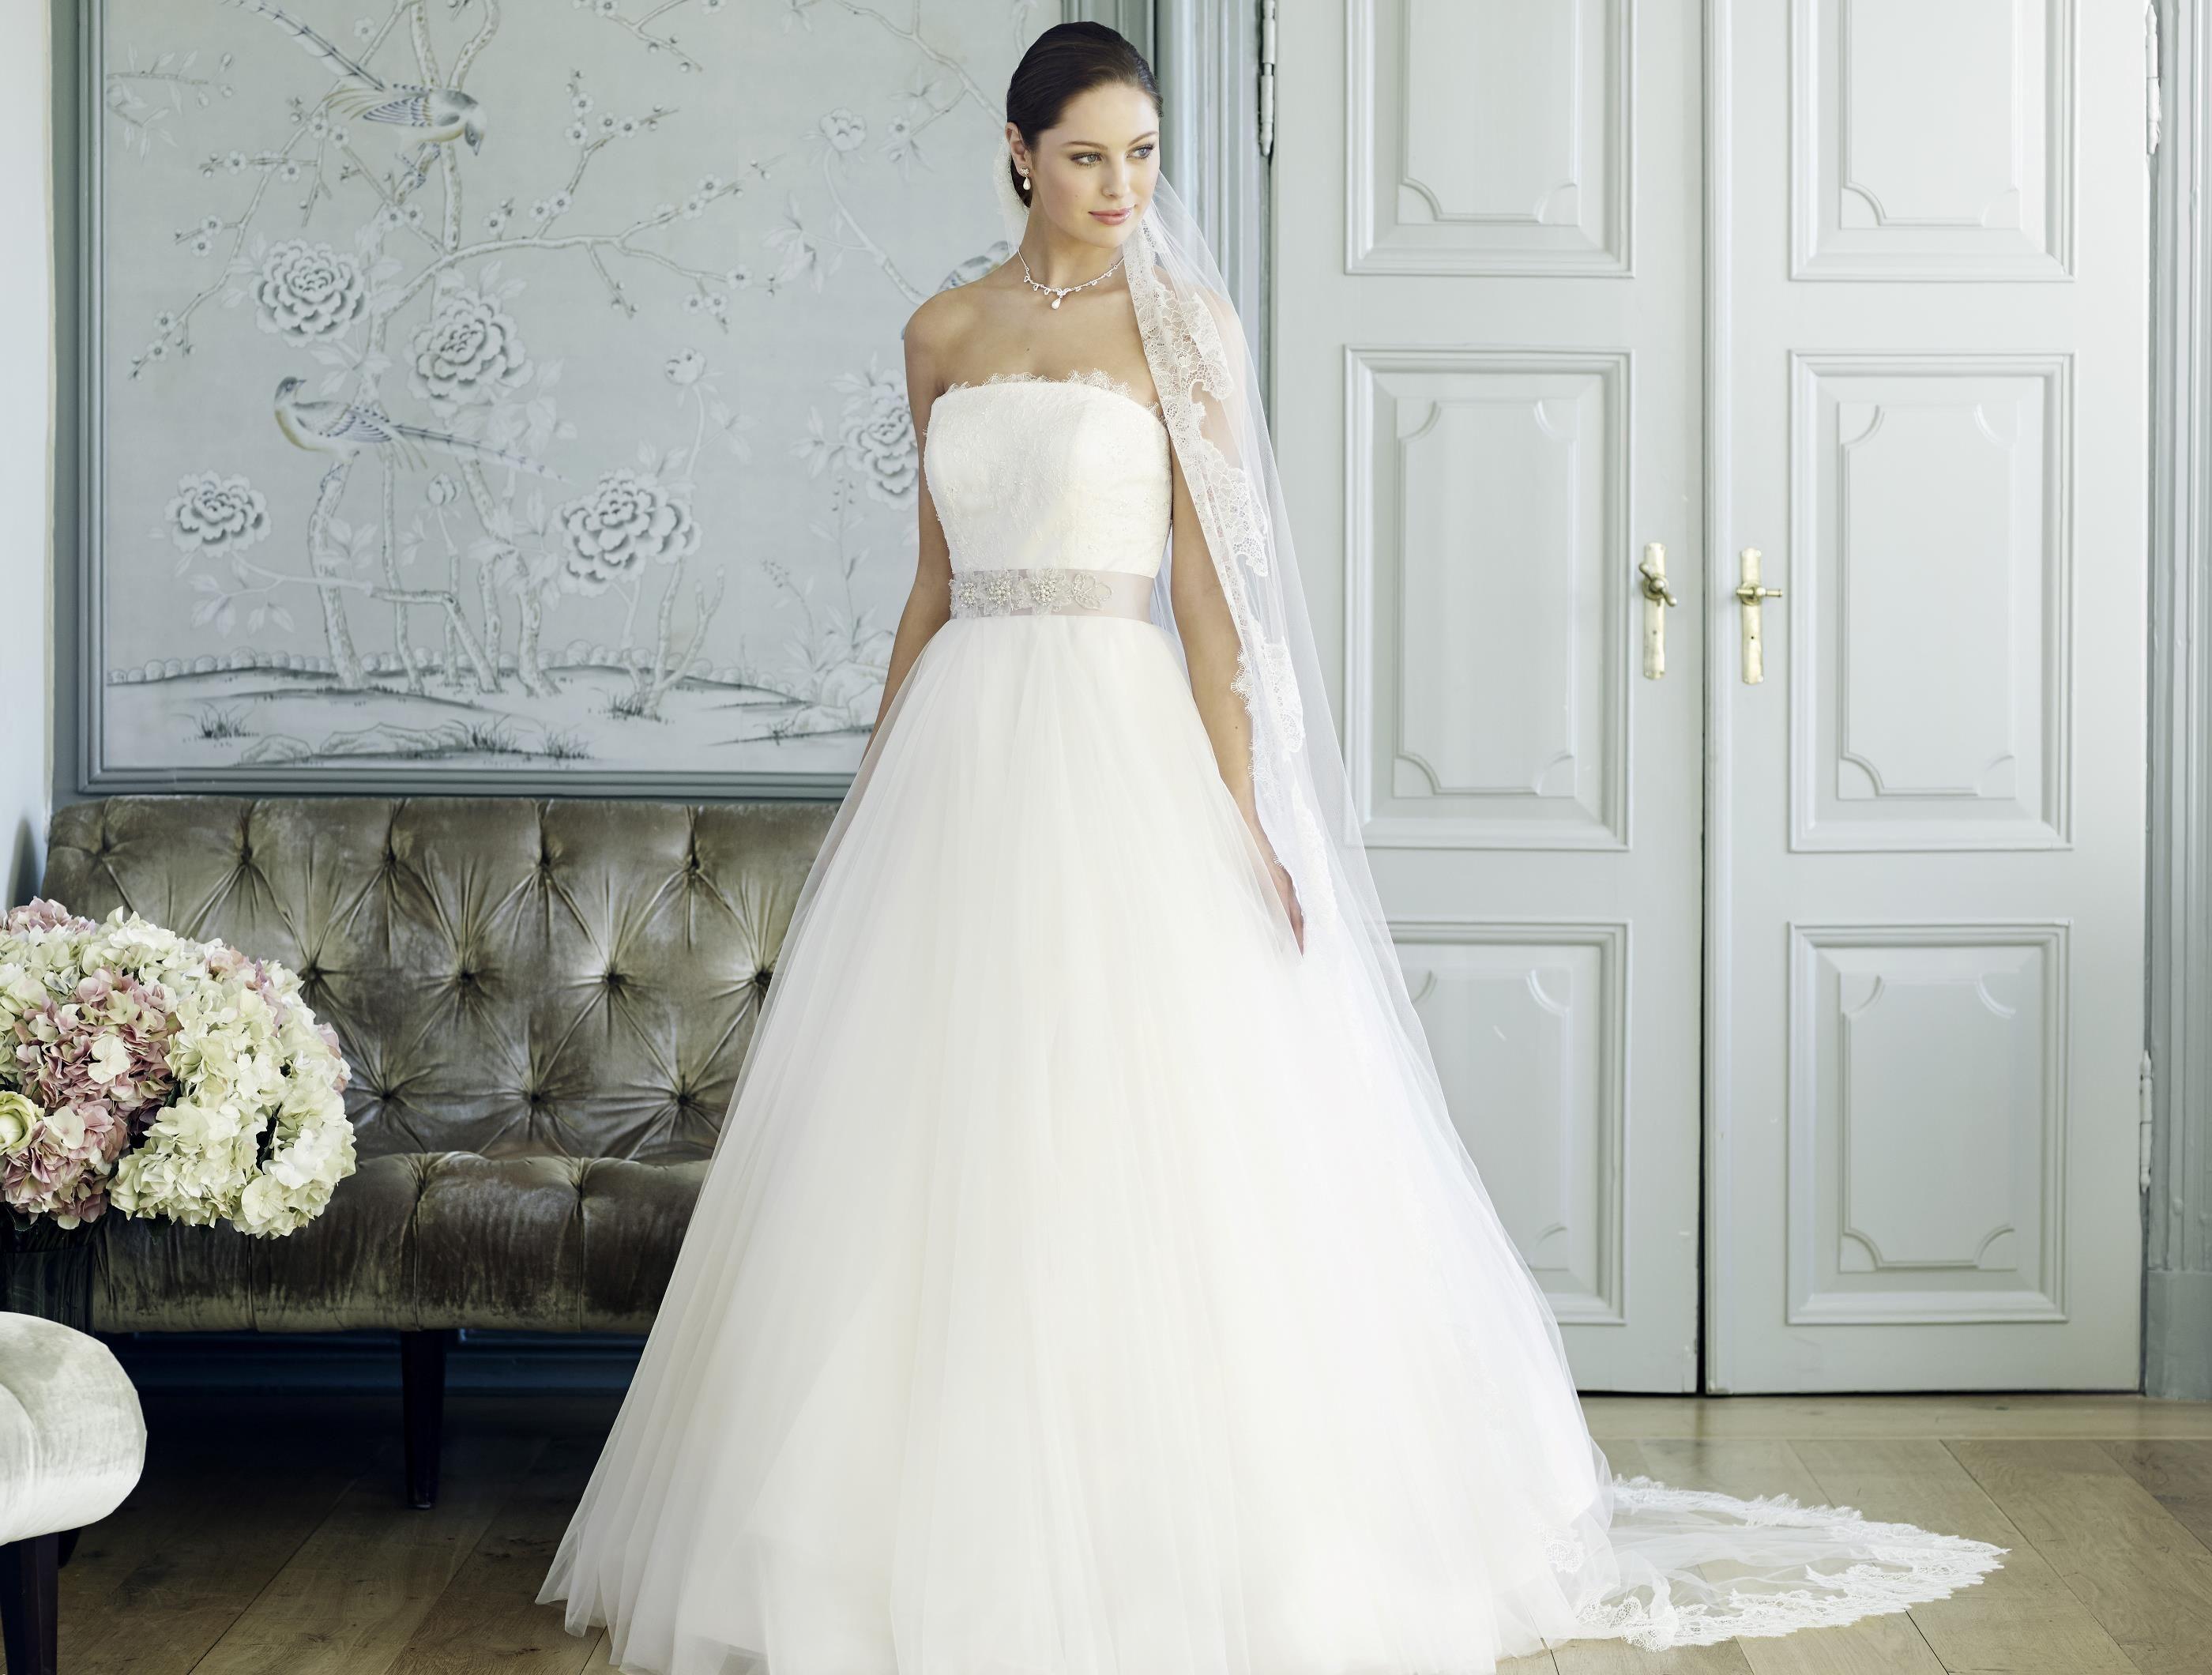 Wedding Dress  Schulterfreies Korsagen Brautkleid in A-Linie mit